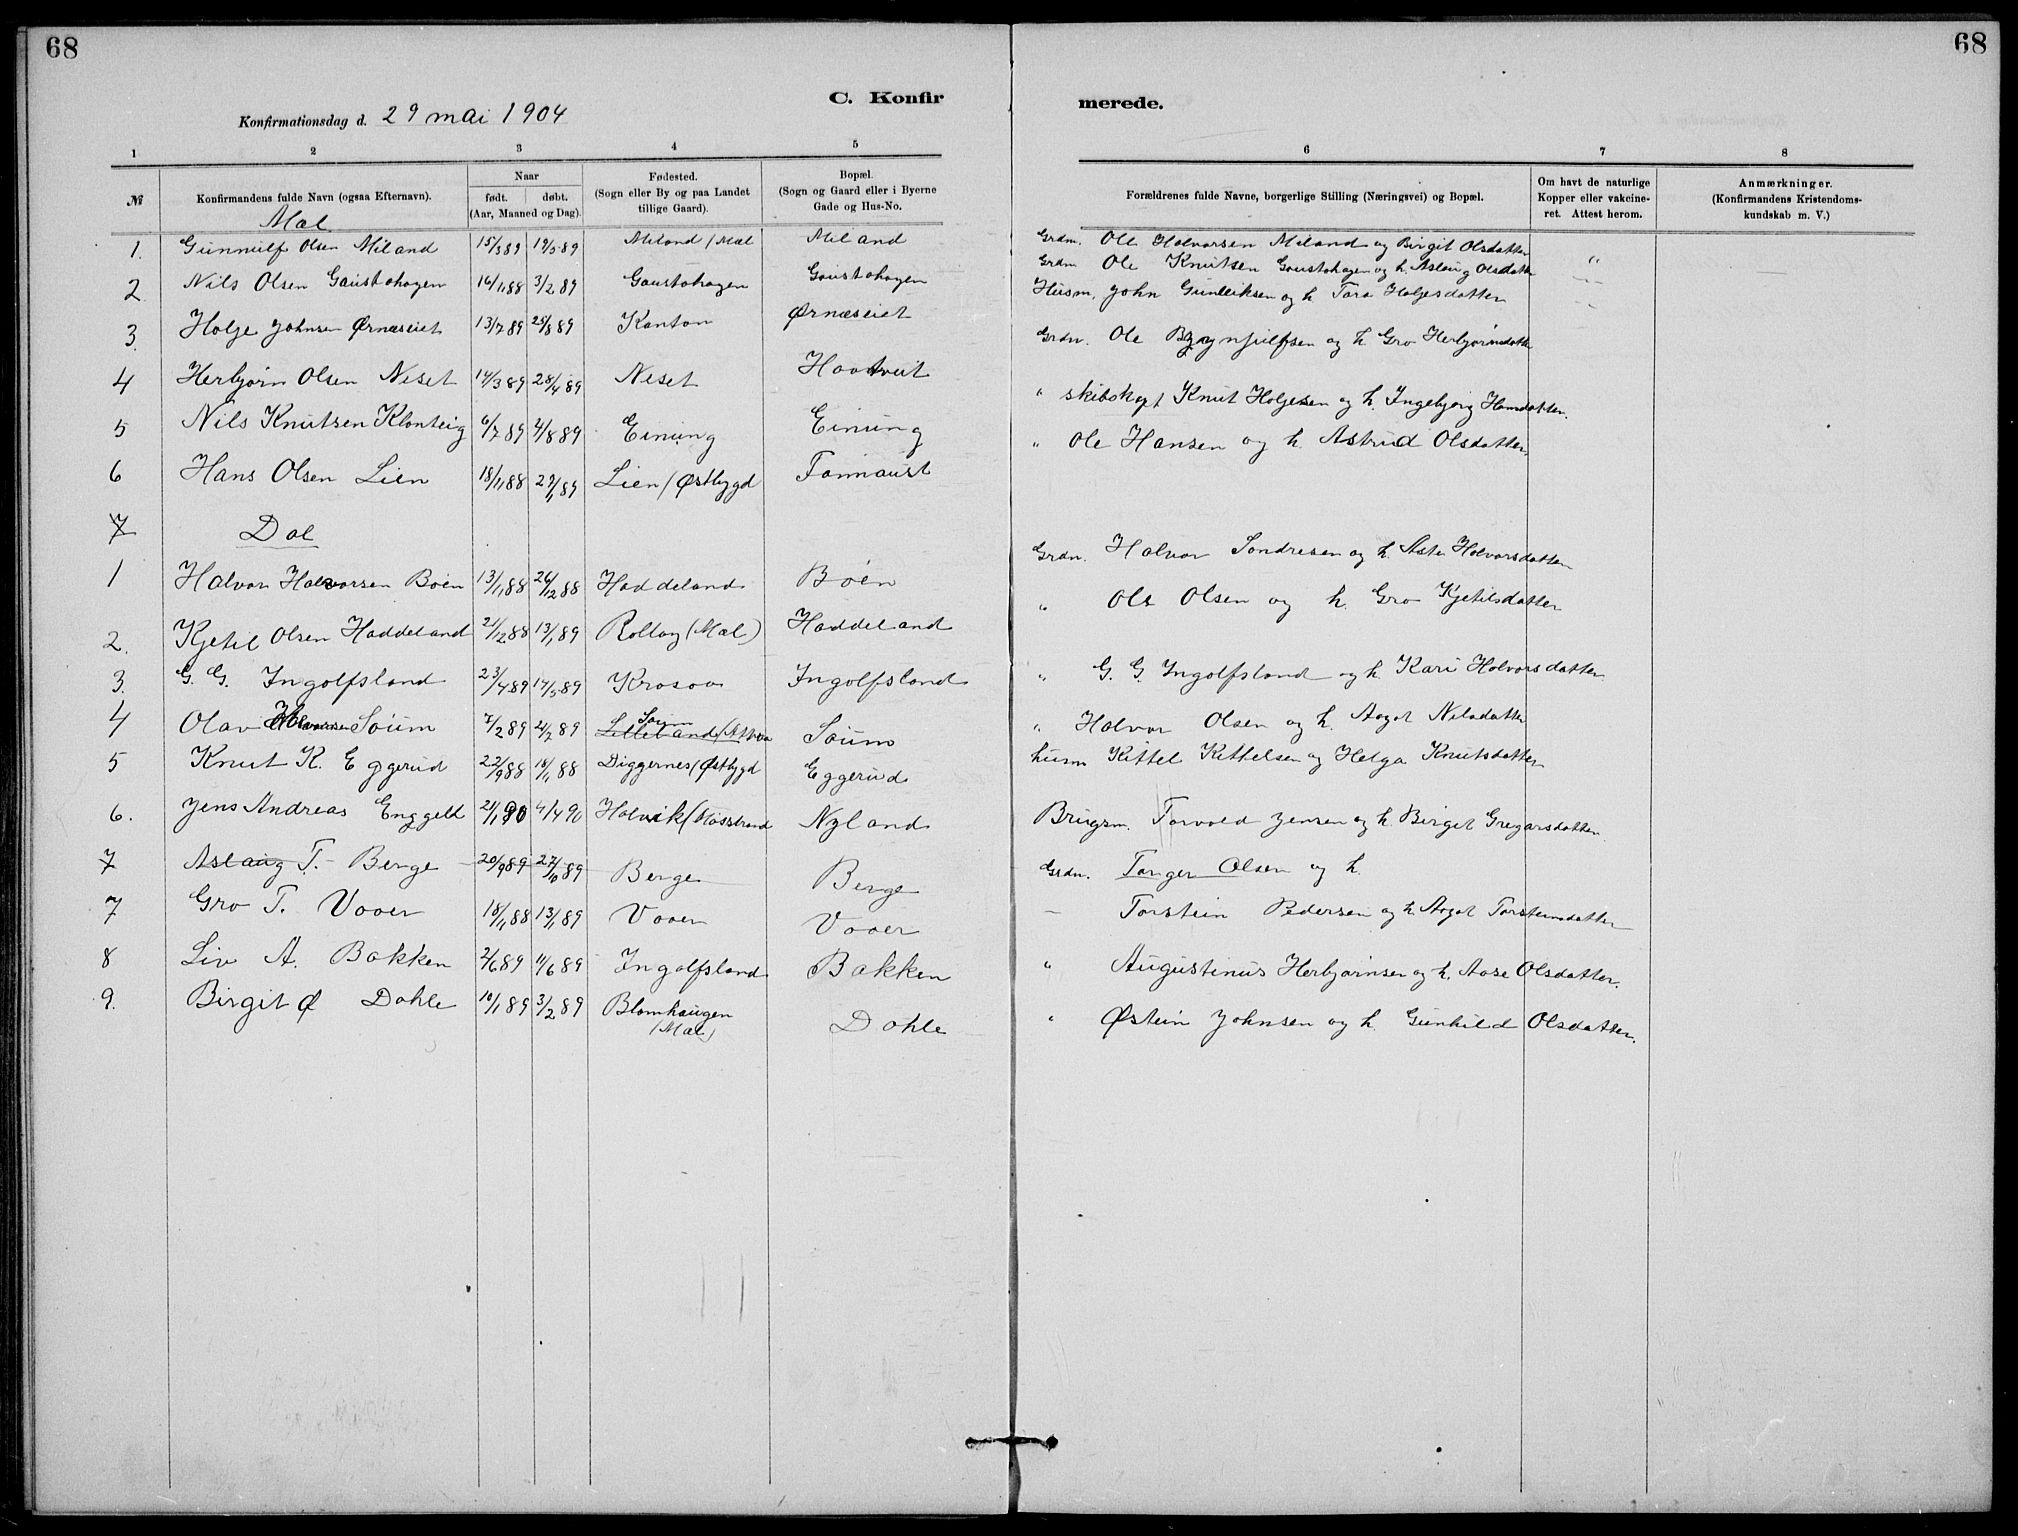 SAKO, Rjukan kirkebøker, G/Ga/L0001: Klokkerbok nr. 1, 1880-1914, s. 68